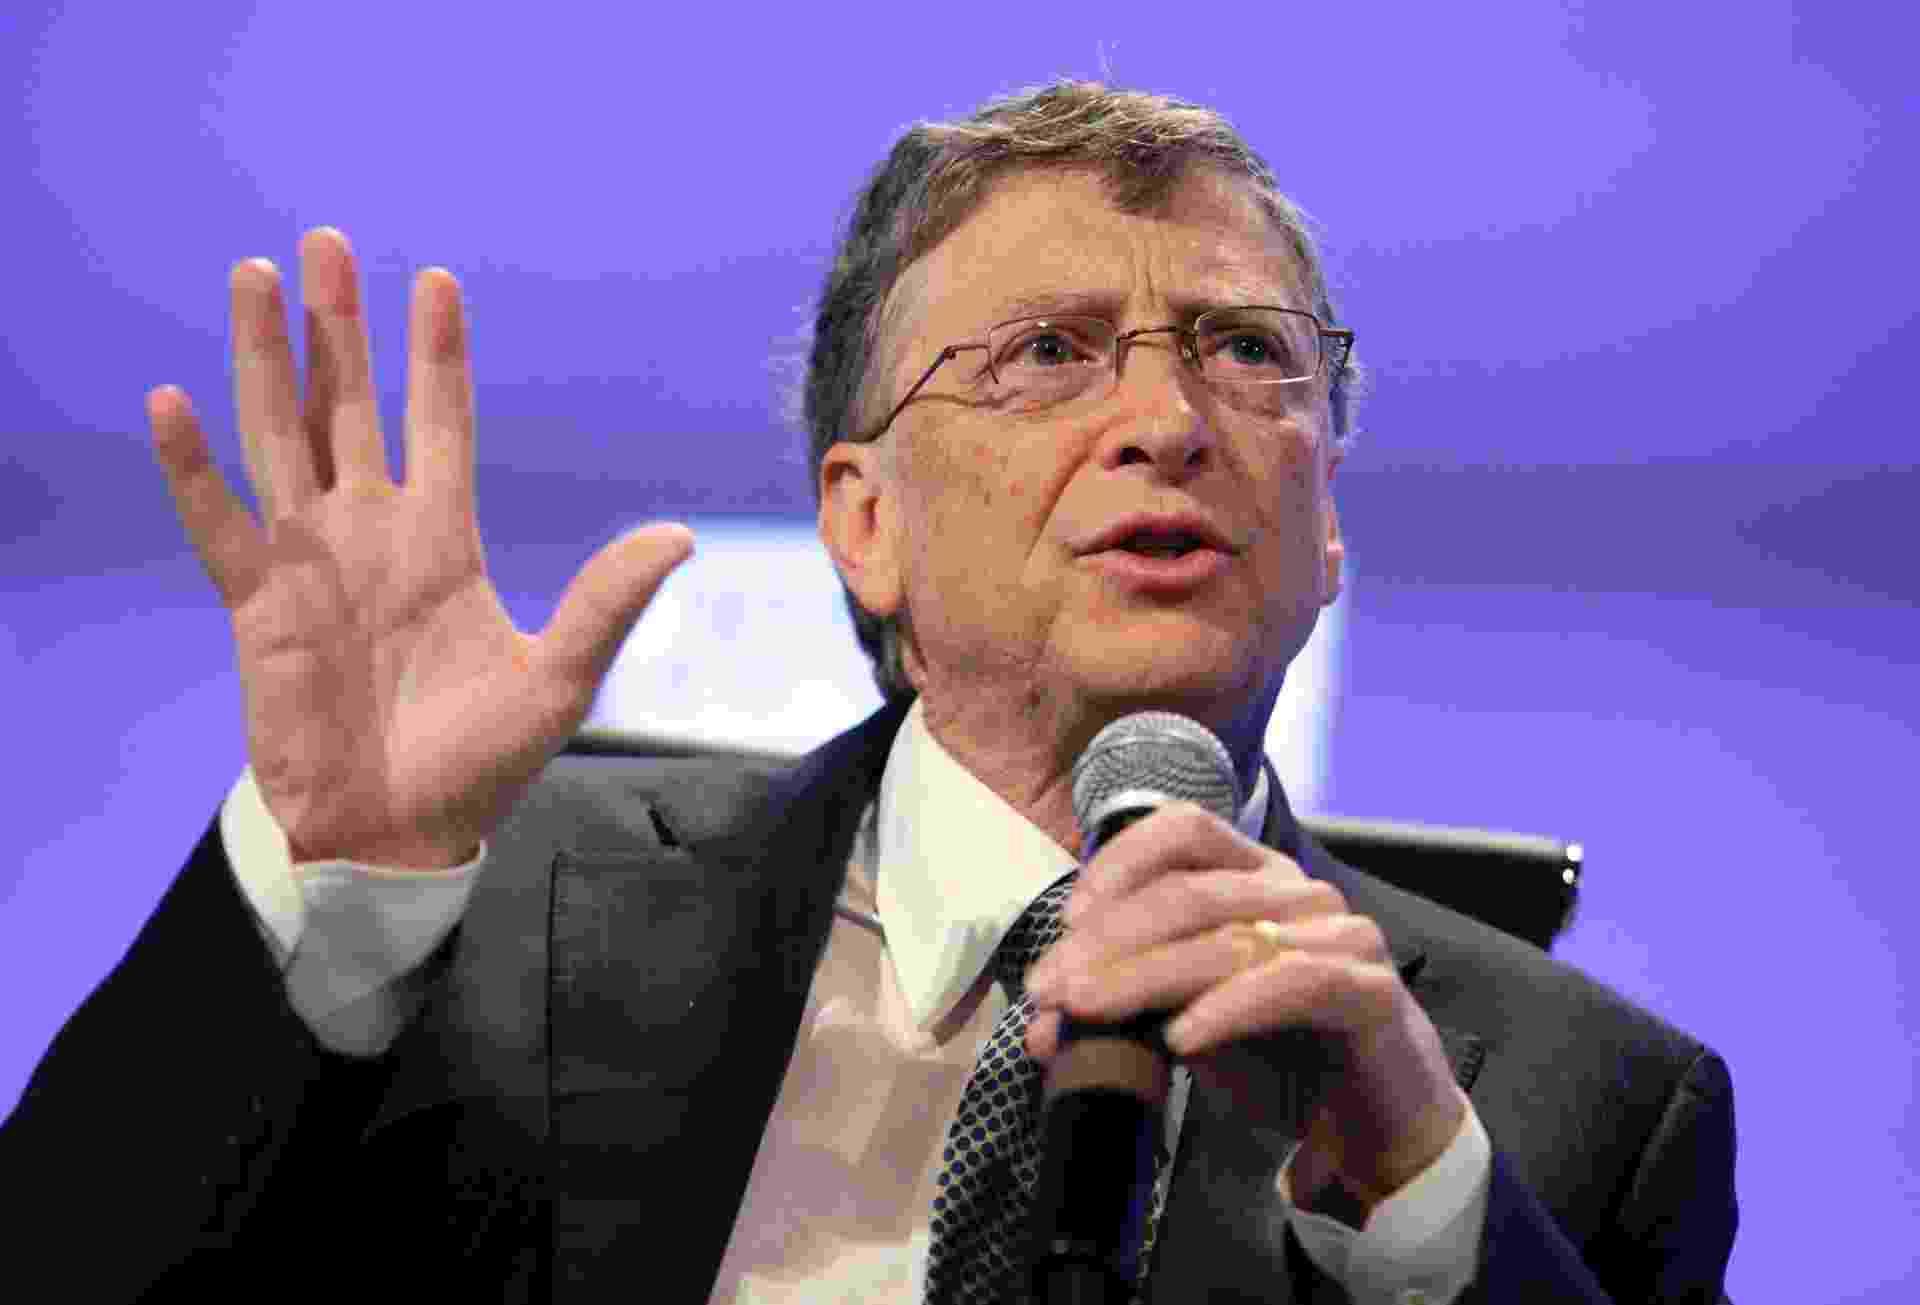 5.mai.2013 - Bill Gates, cofundador da Microsoft, fala durante conferência em Washington (EUA) - Yuri Gripas/Reuters